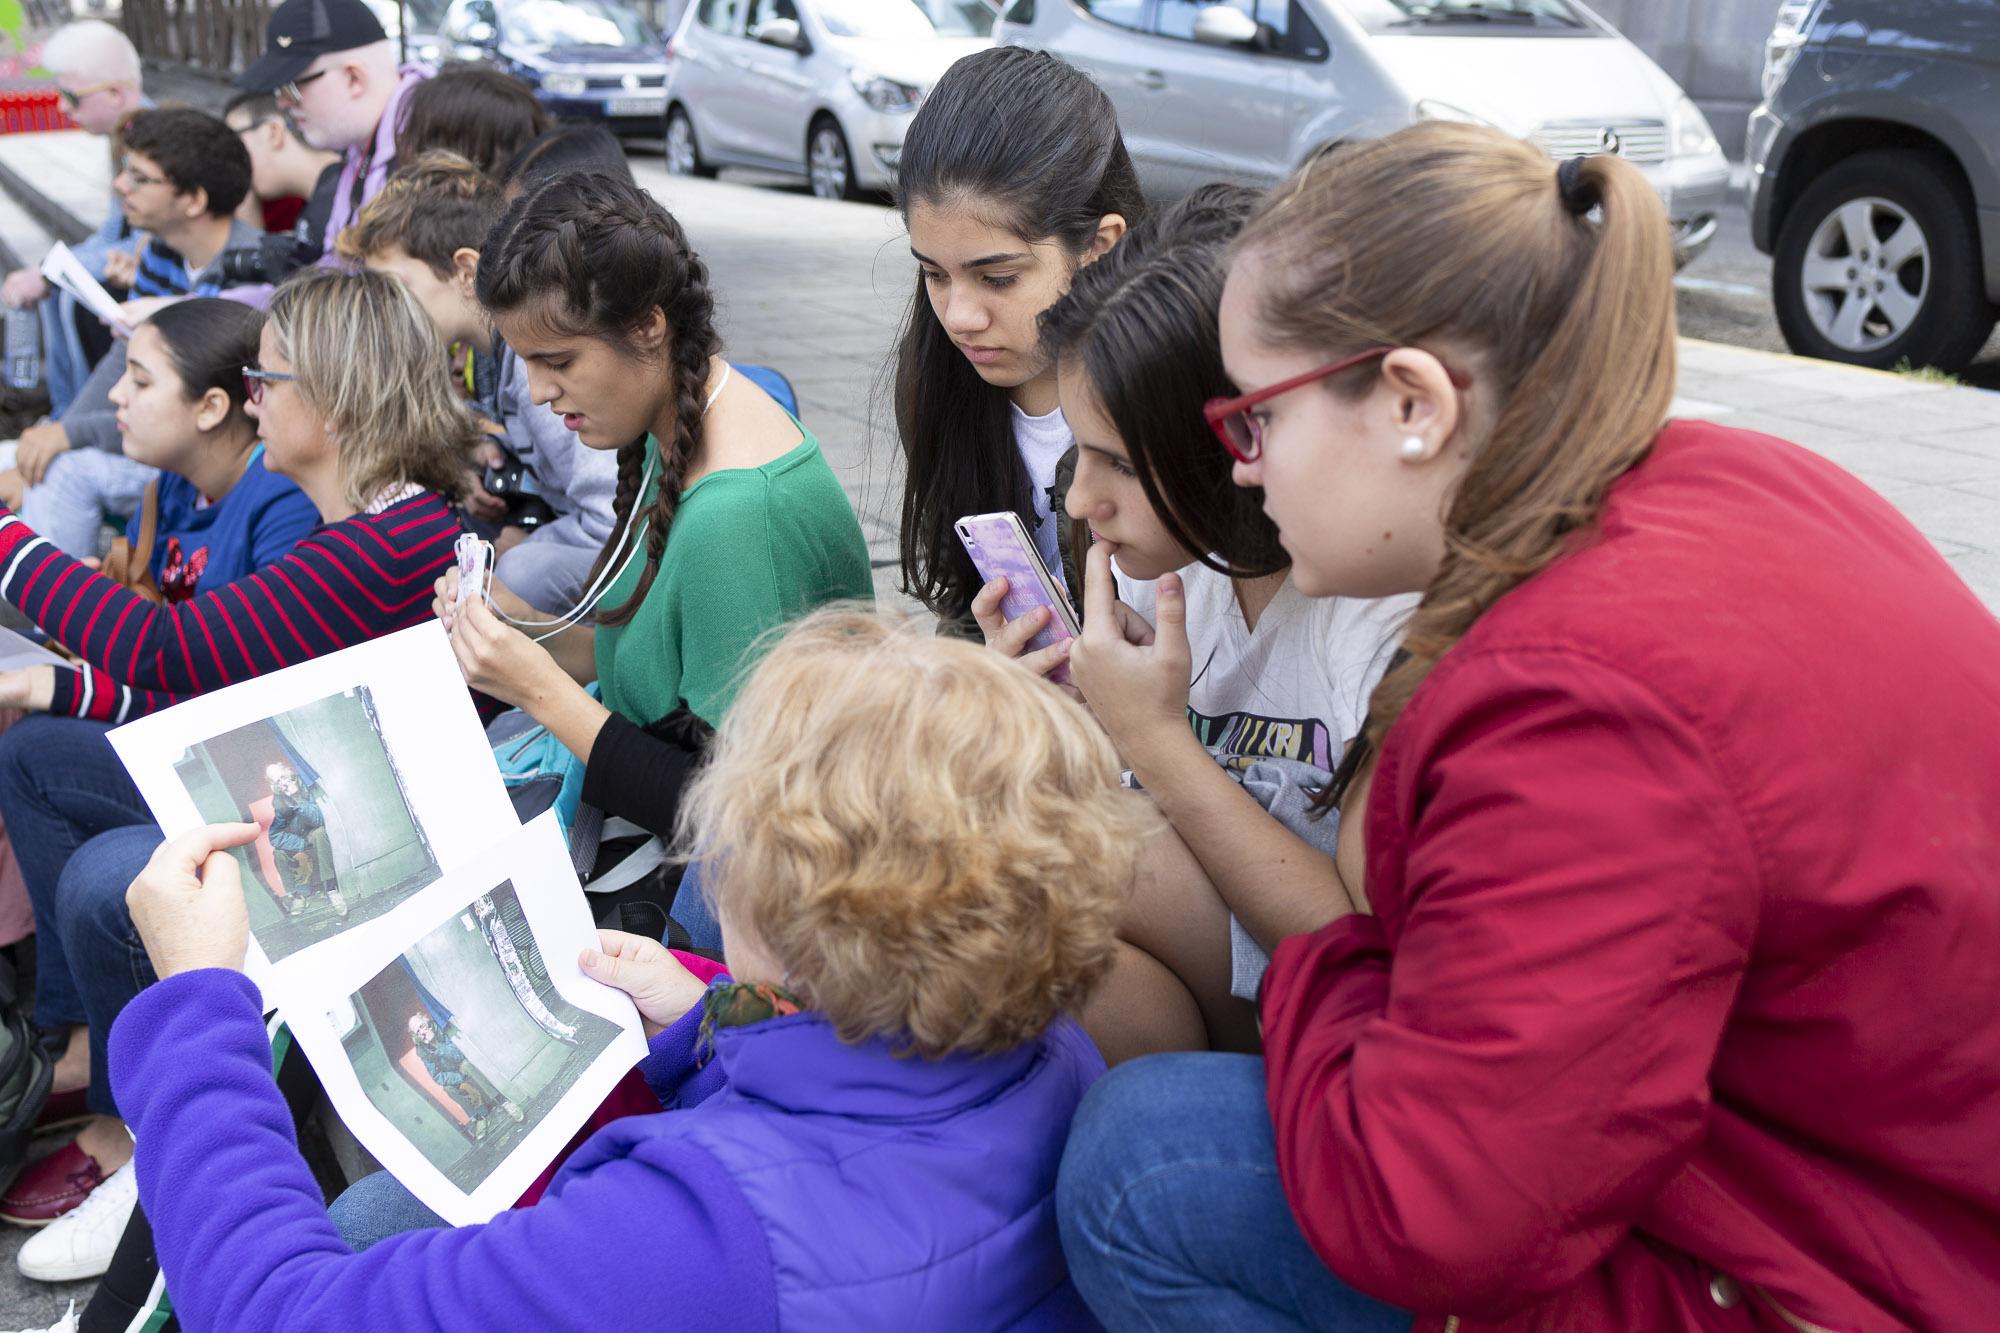 Taller de fotografía para jóvenes ciegos o con discapacidad visual grave en Las Palmas de Gran Canaria.